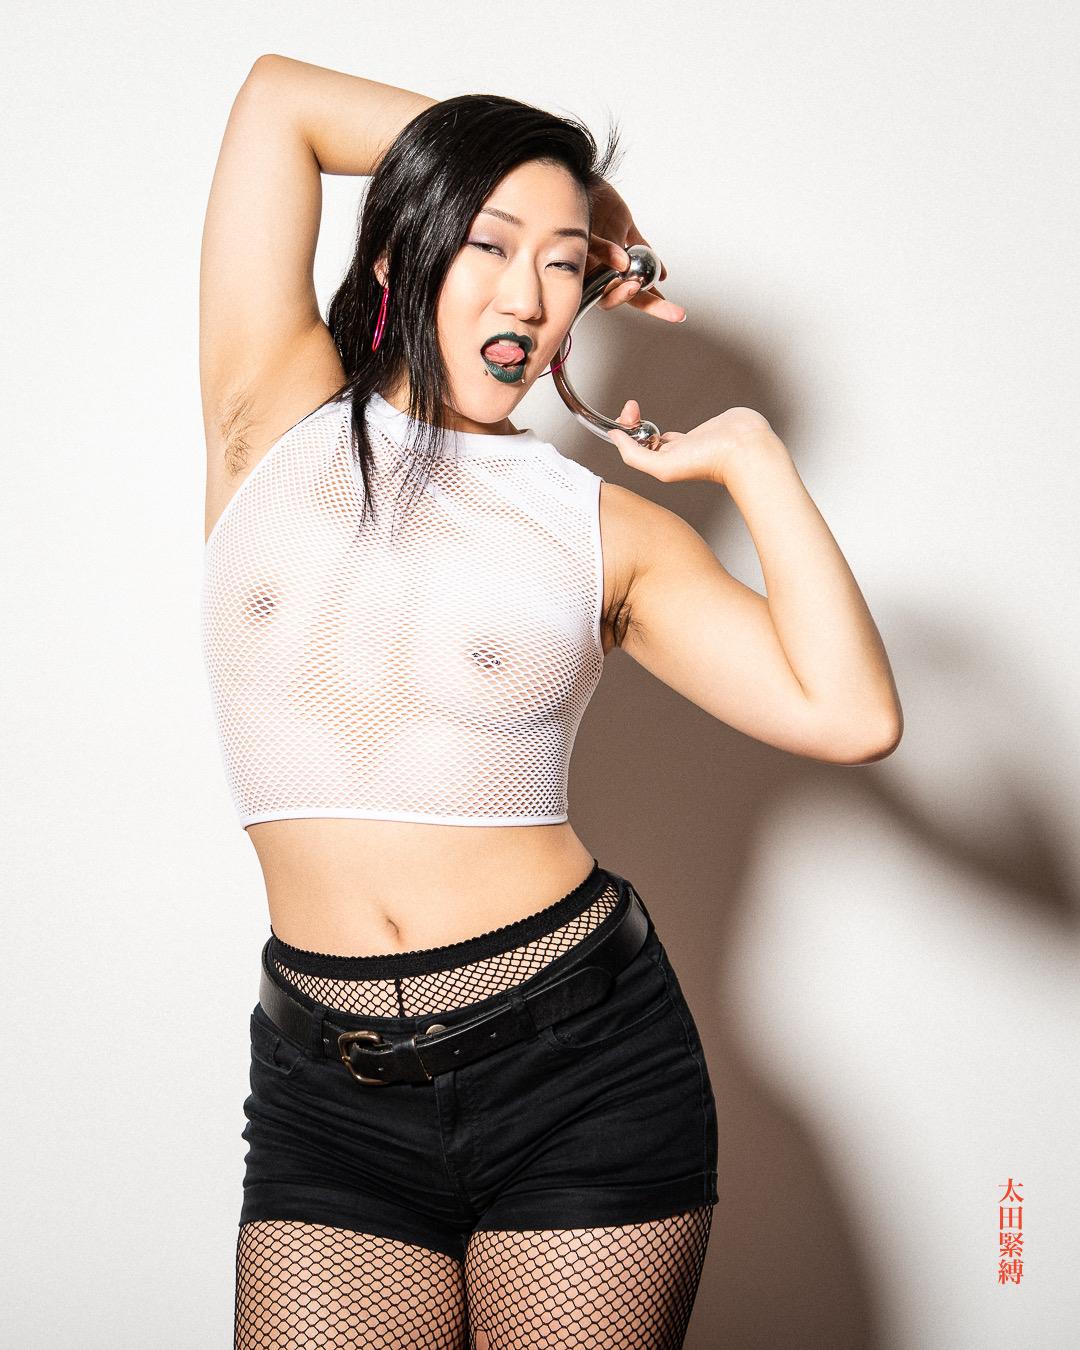 Photo by OtaKinbaku